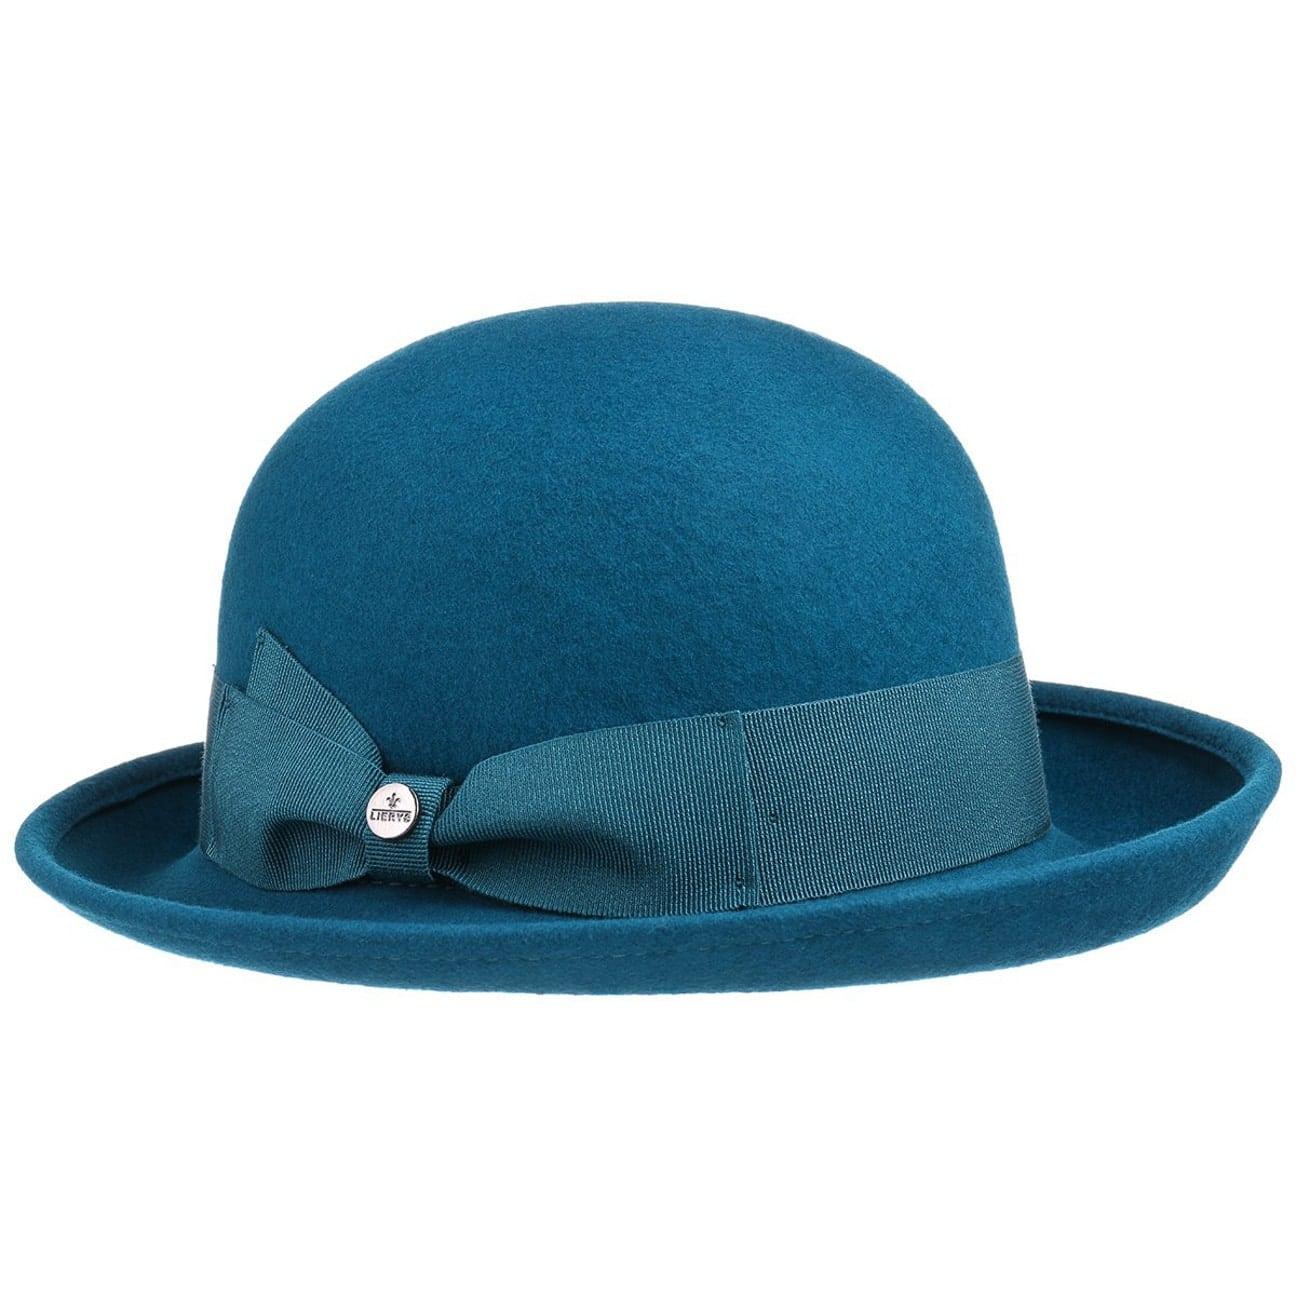 Bomb?n de Mujer Lamisa by Lierys  sombrero de mujer